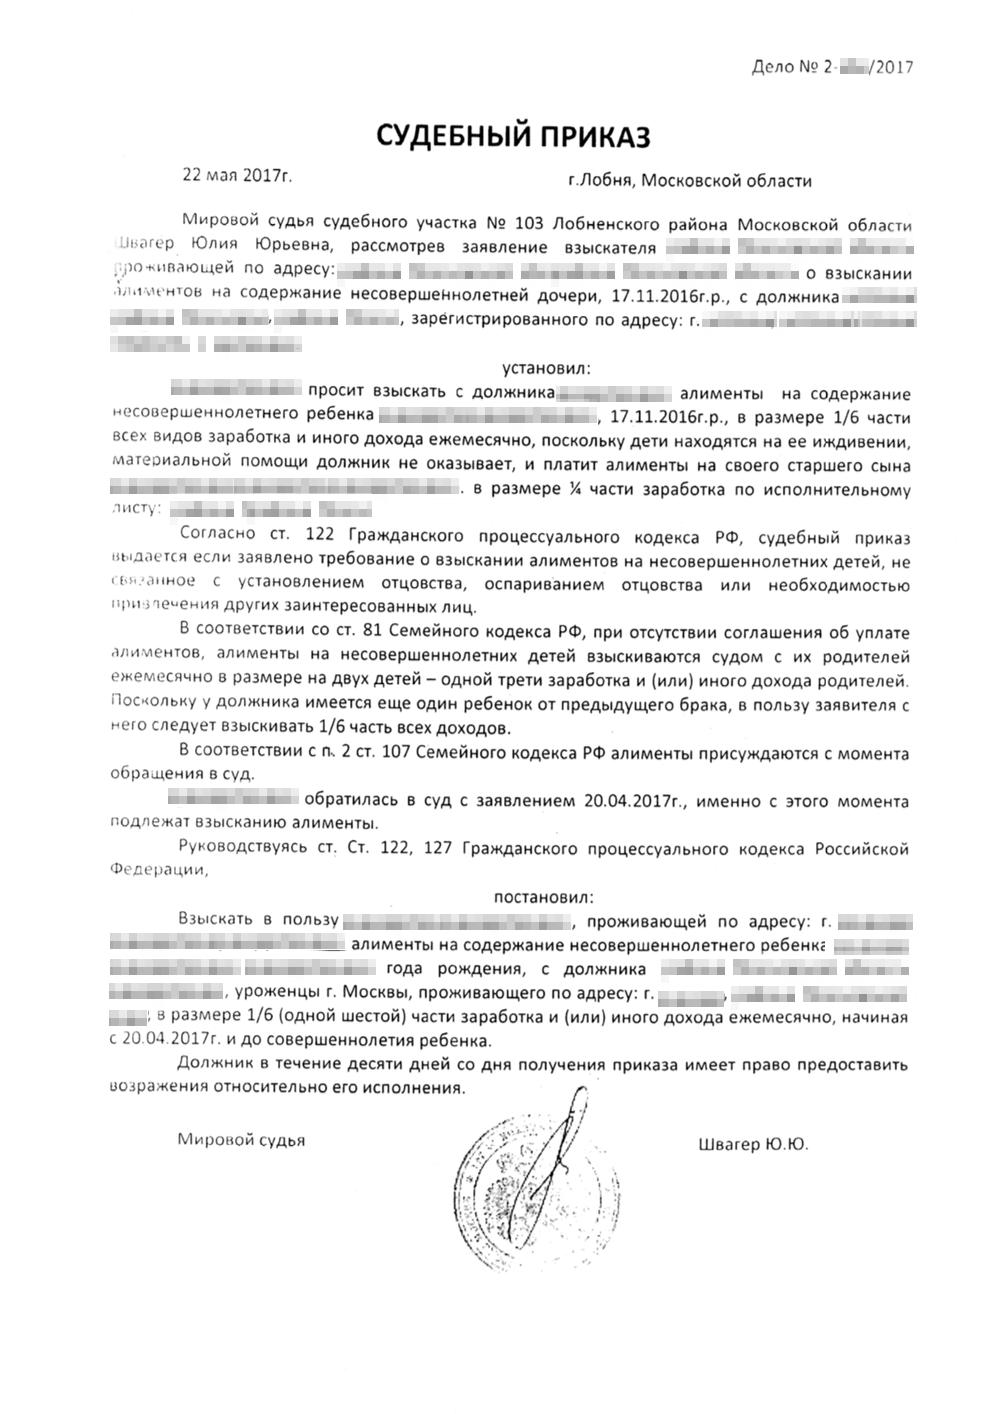 Новая супруга Ивана получила судебный приказ о взыскании с него алиментов на их общую дочь